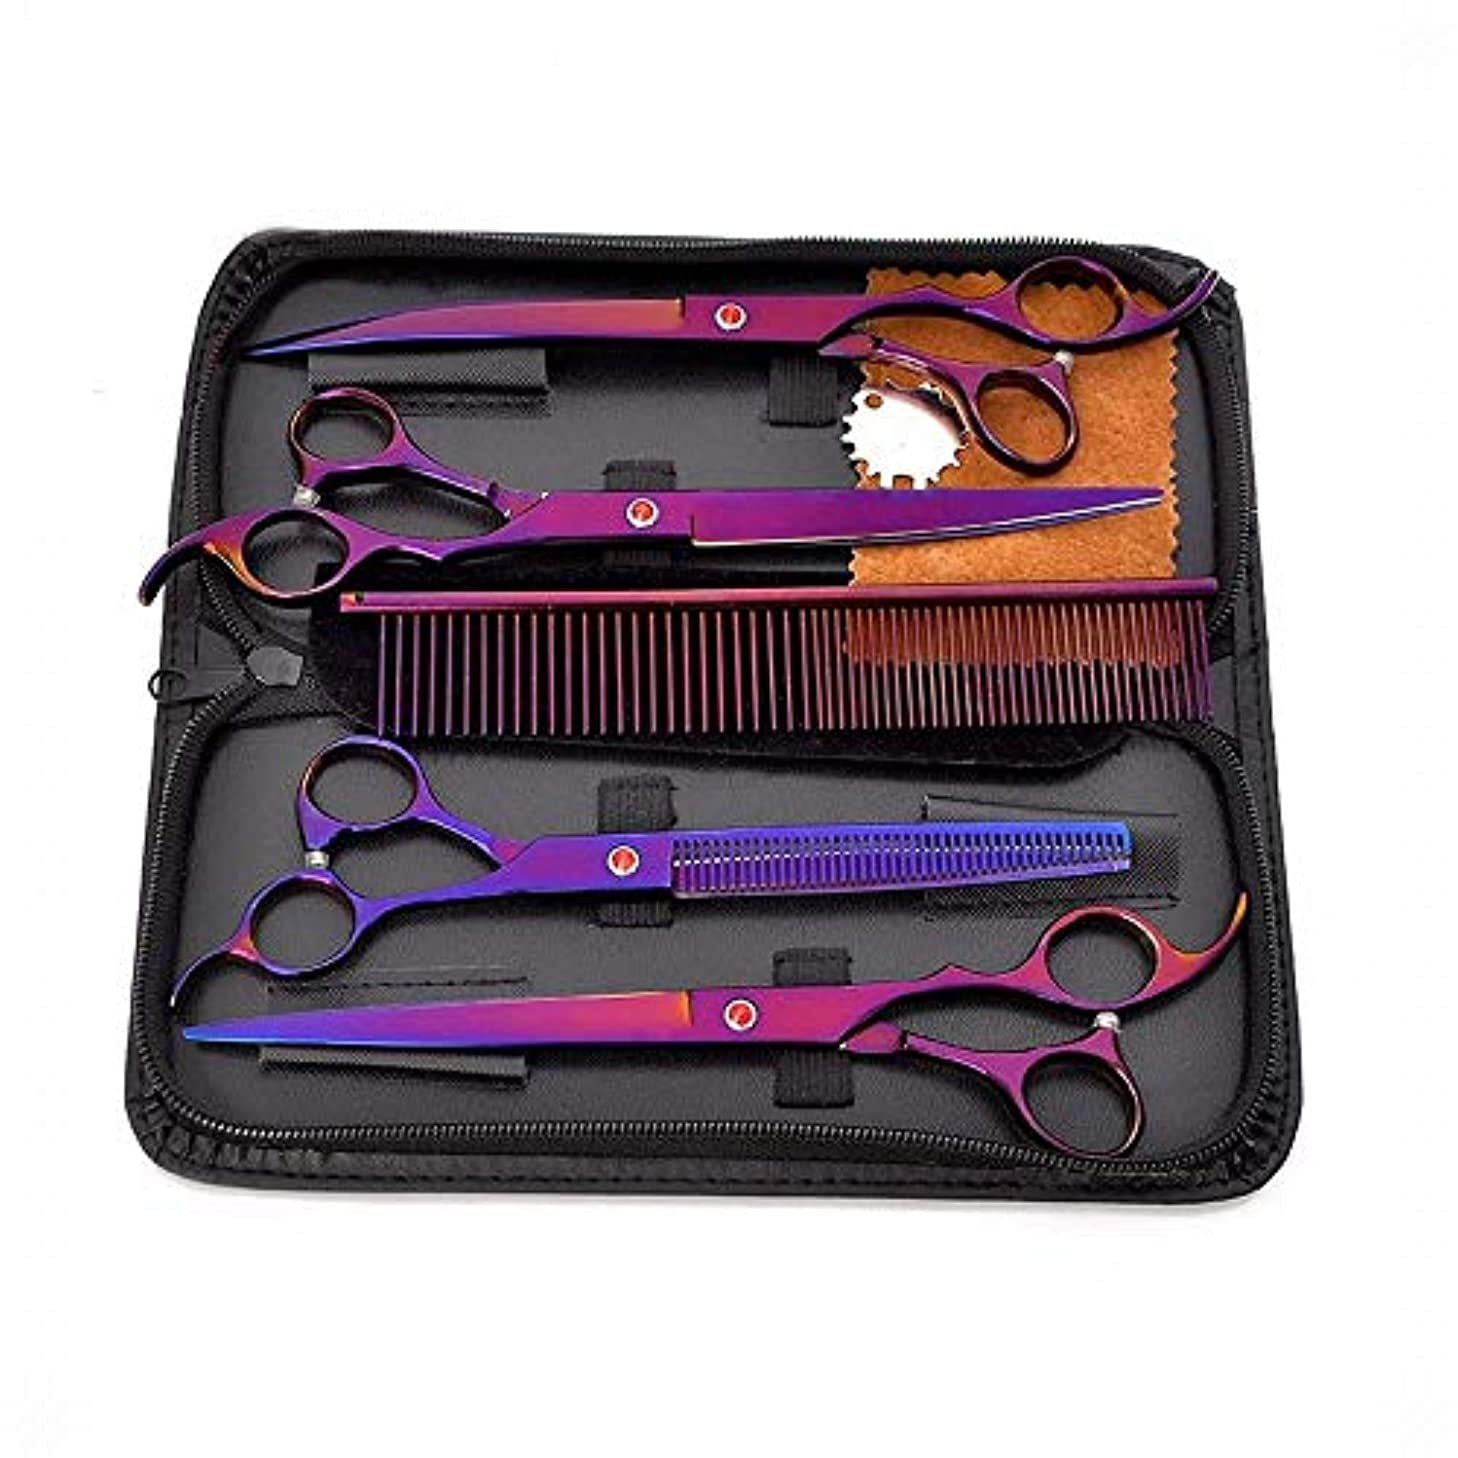 うまくやる()アイドル解体する8インチペットグルーミングはさみセット4、ステンレス鋼パープルペットプロフェッショナル理髪フラットせん断+歯はさみセット ヘアケア (色 : 紫の)